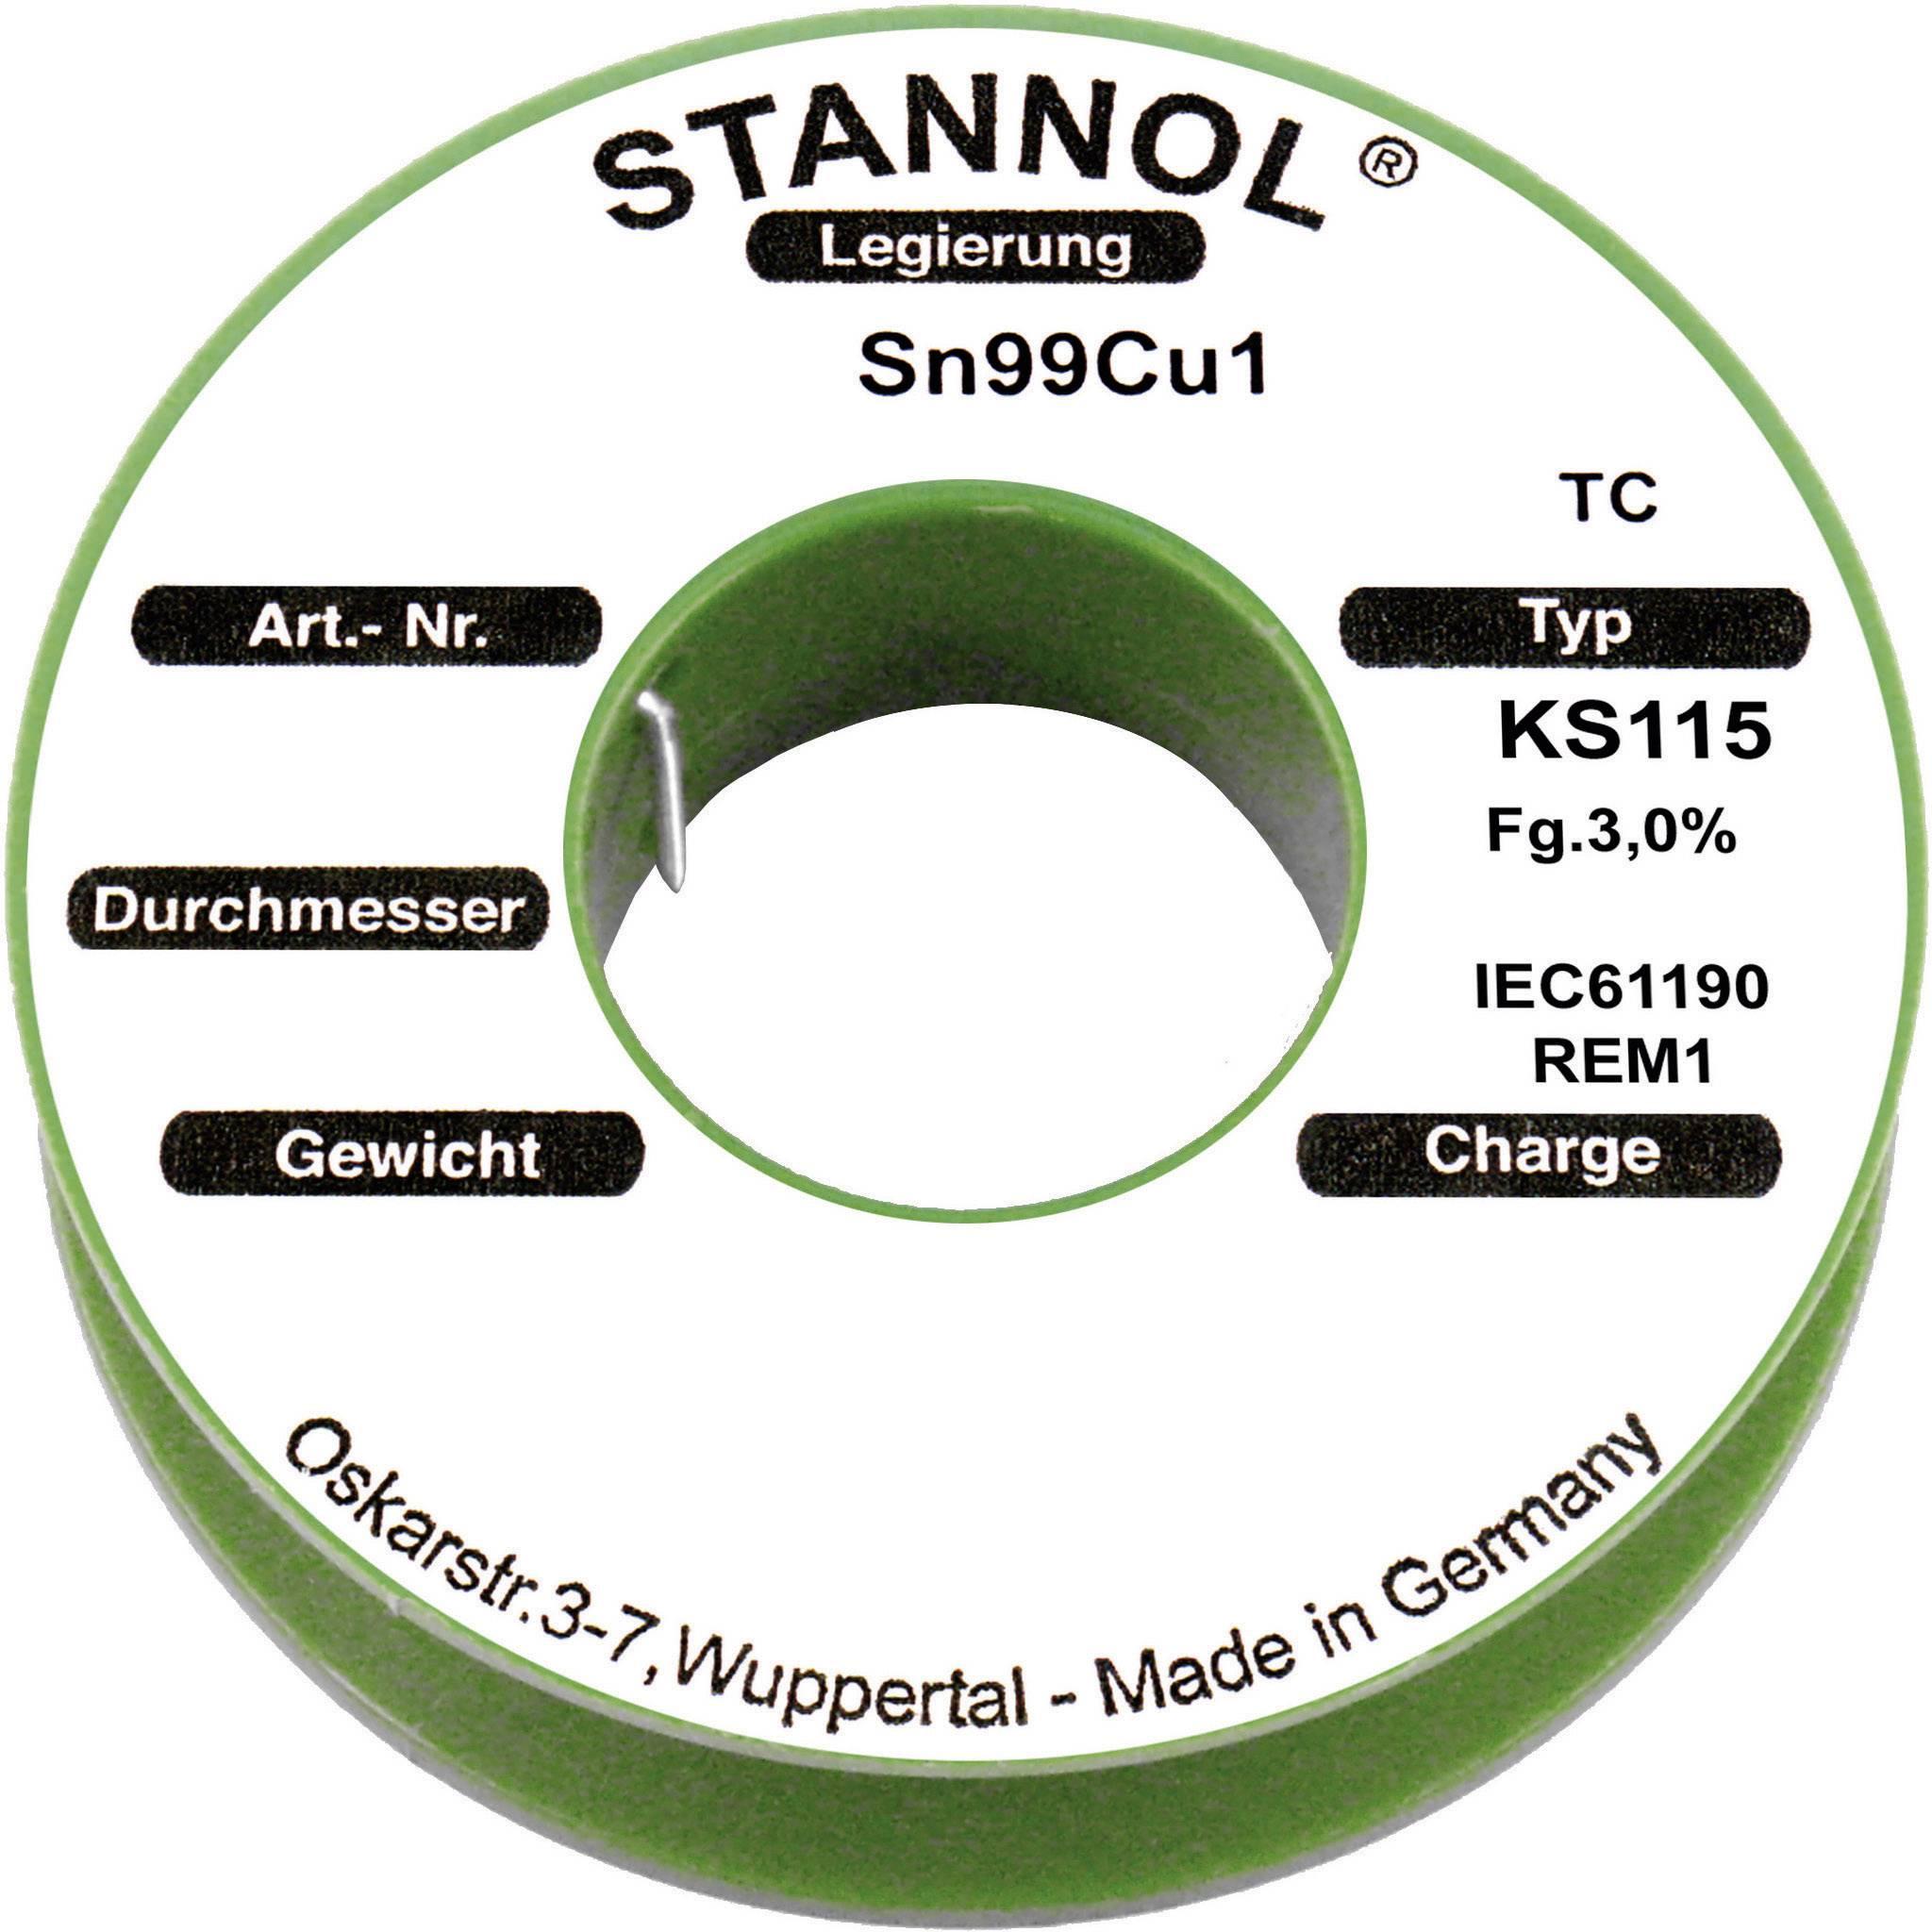 Cínová spájka PBF Sn99Cu1, Ø 1, 5 mm, 100 g, Stannol KS115